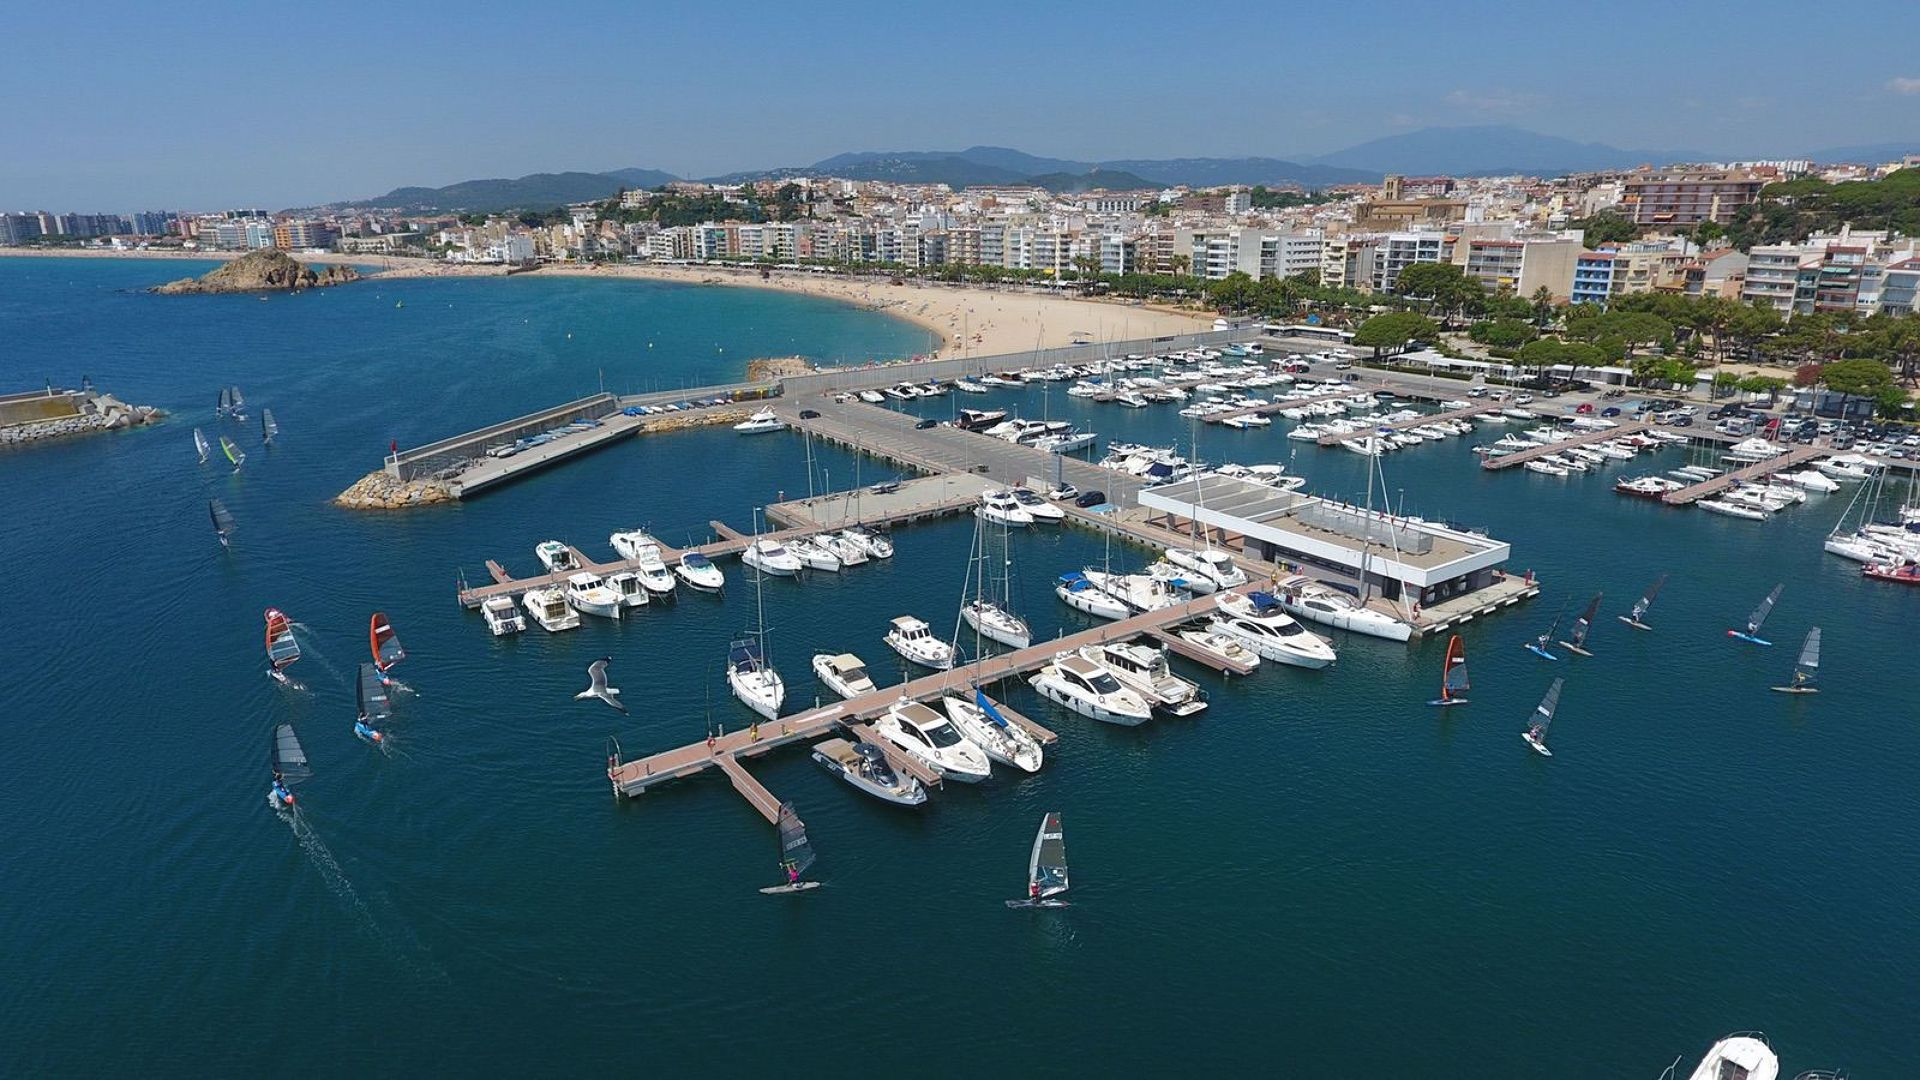 El CVB passa a formar part, com a representant d'instal·lacions esportives, del Comitè Executiu de Turisme Esportiu Costa Brava